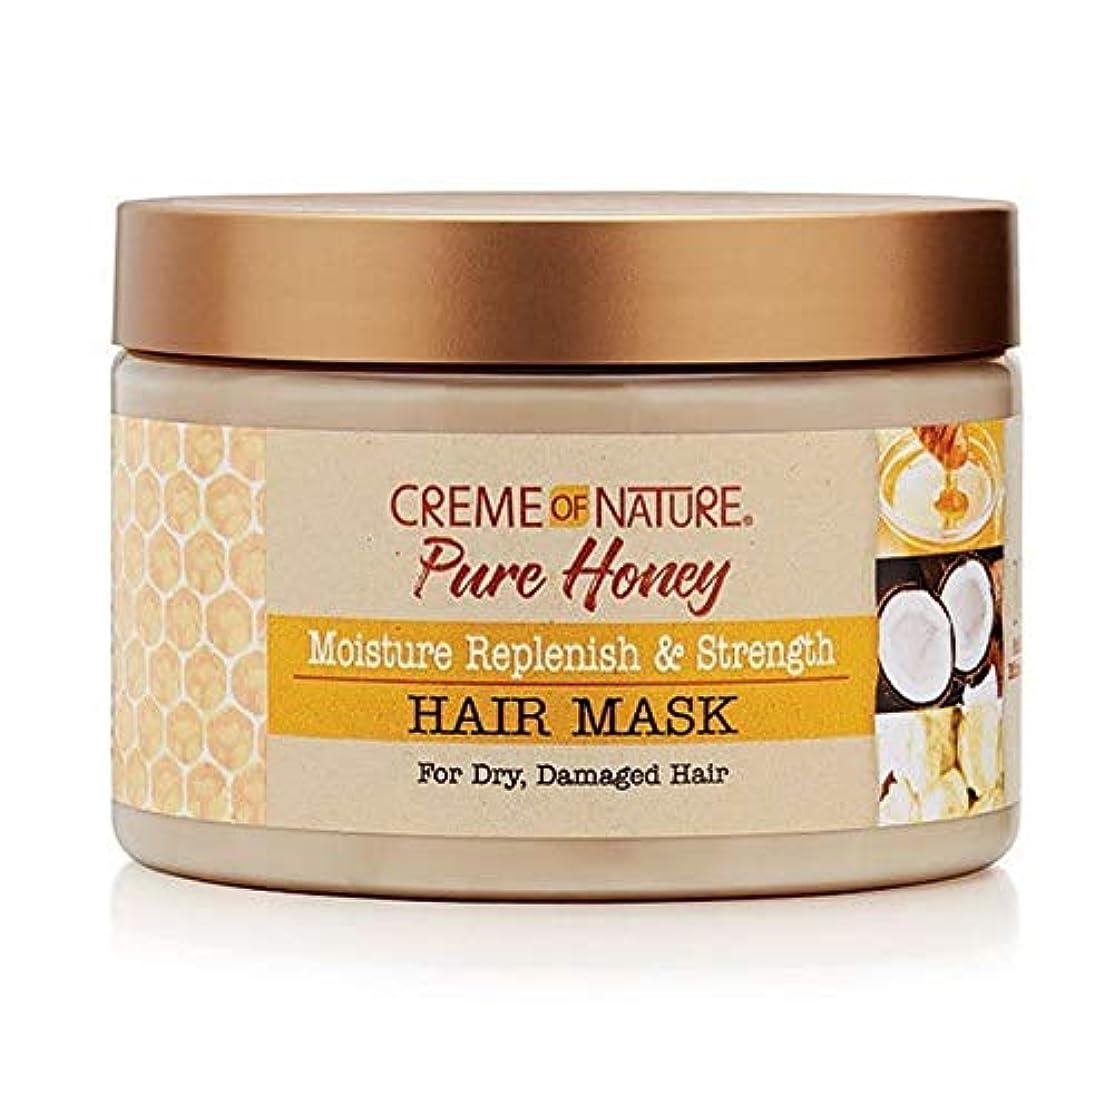 照らす魔法ビヨン[Creme of Nature ] 自然の純粋な蜂蜜のクリーム補充&ヘアマスクを強化 - Creme of Nature Pure Honey Replenish & Strengthen Hair Mask [並行輸入品]